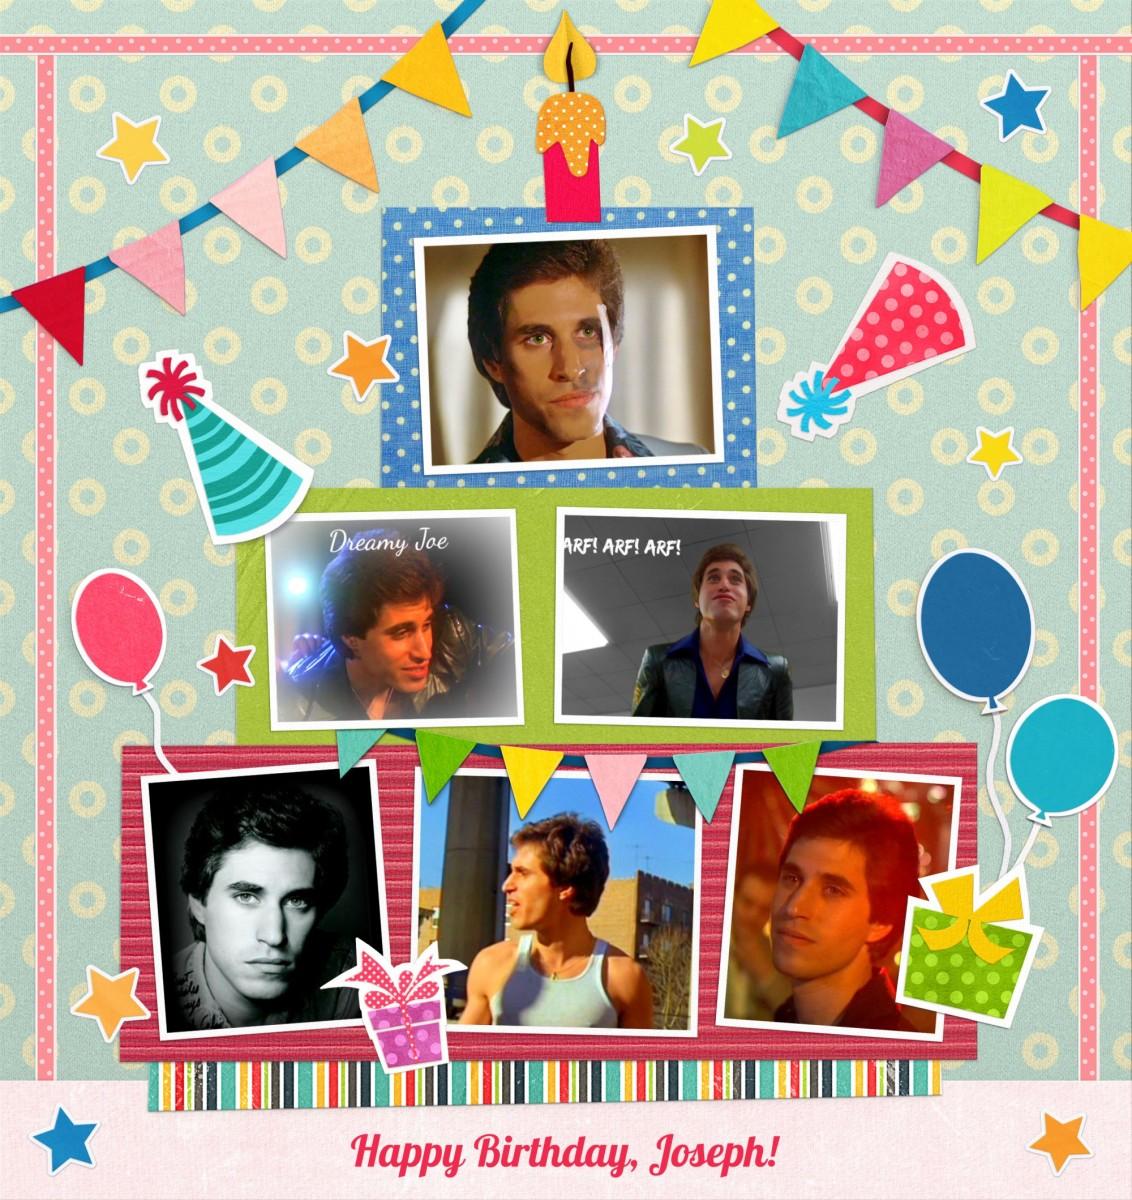 Today is Joseph Cali's birthday